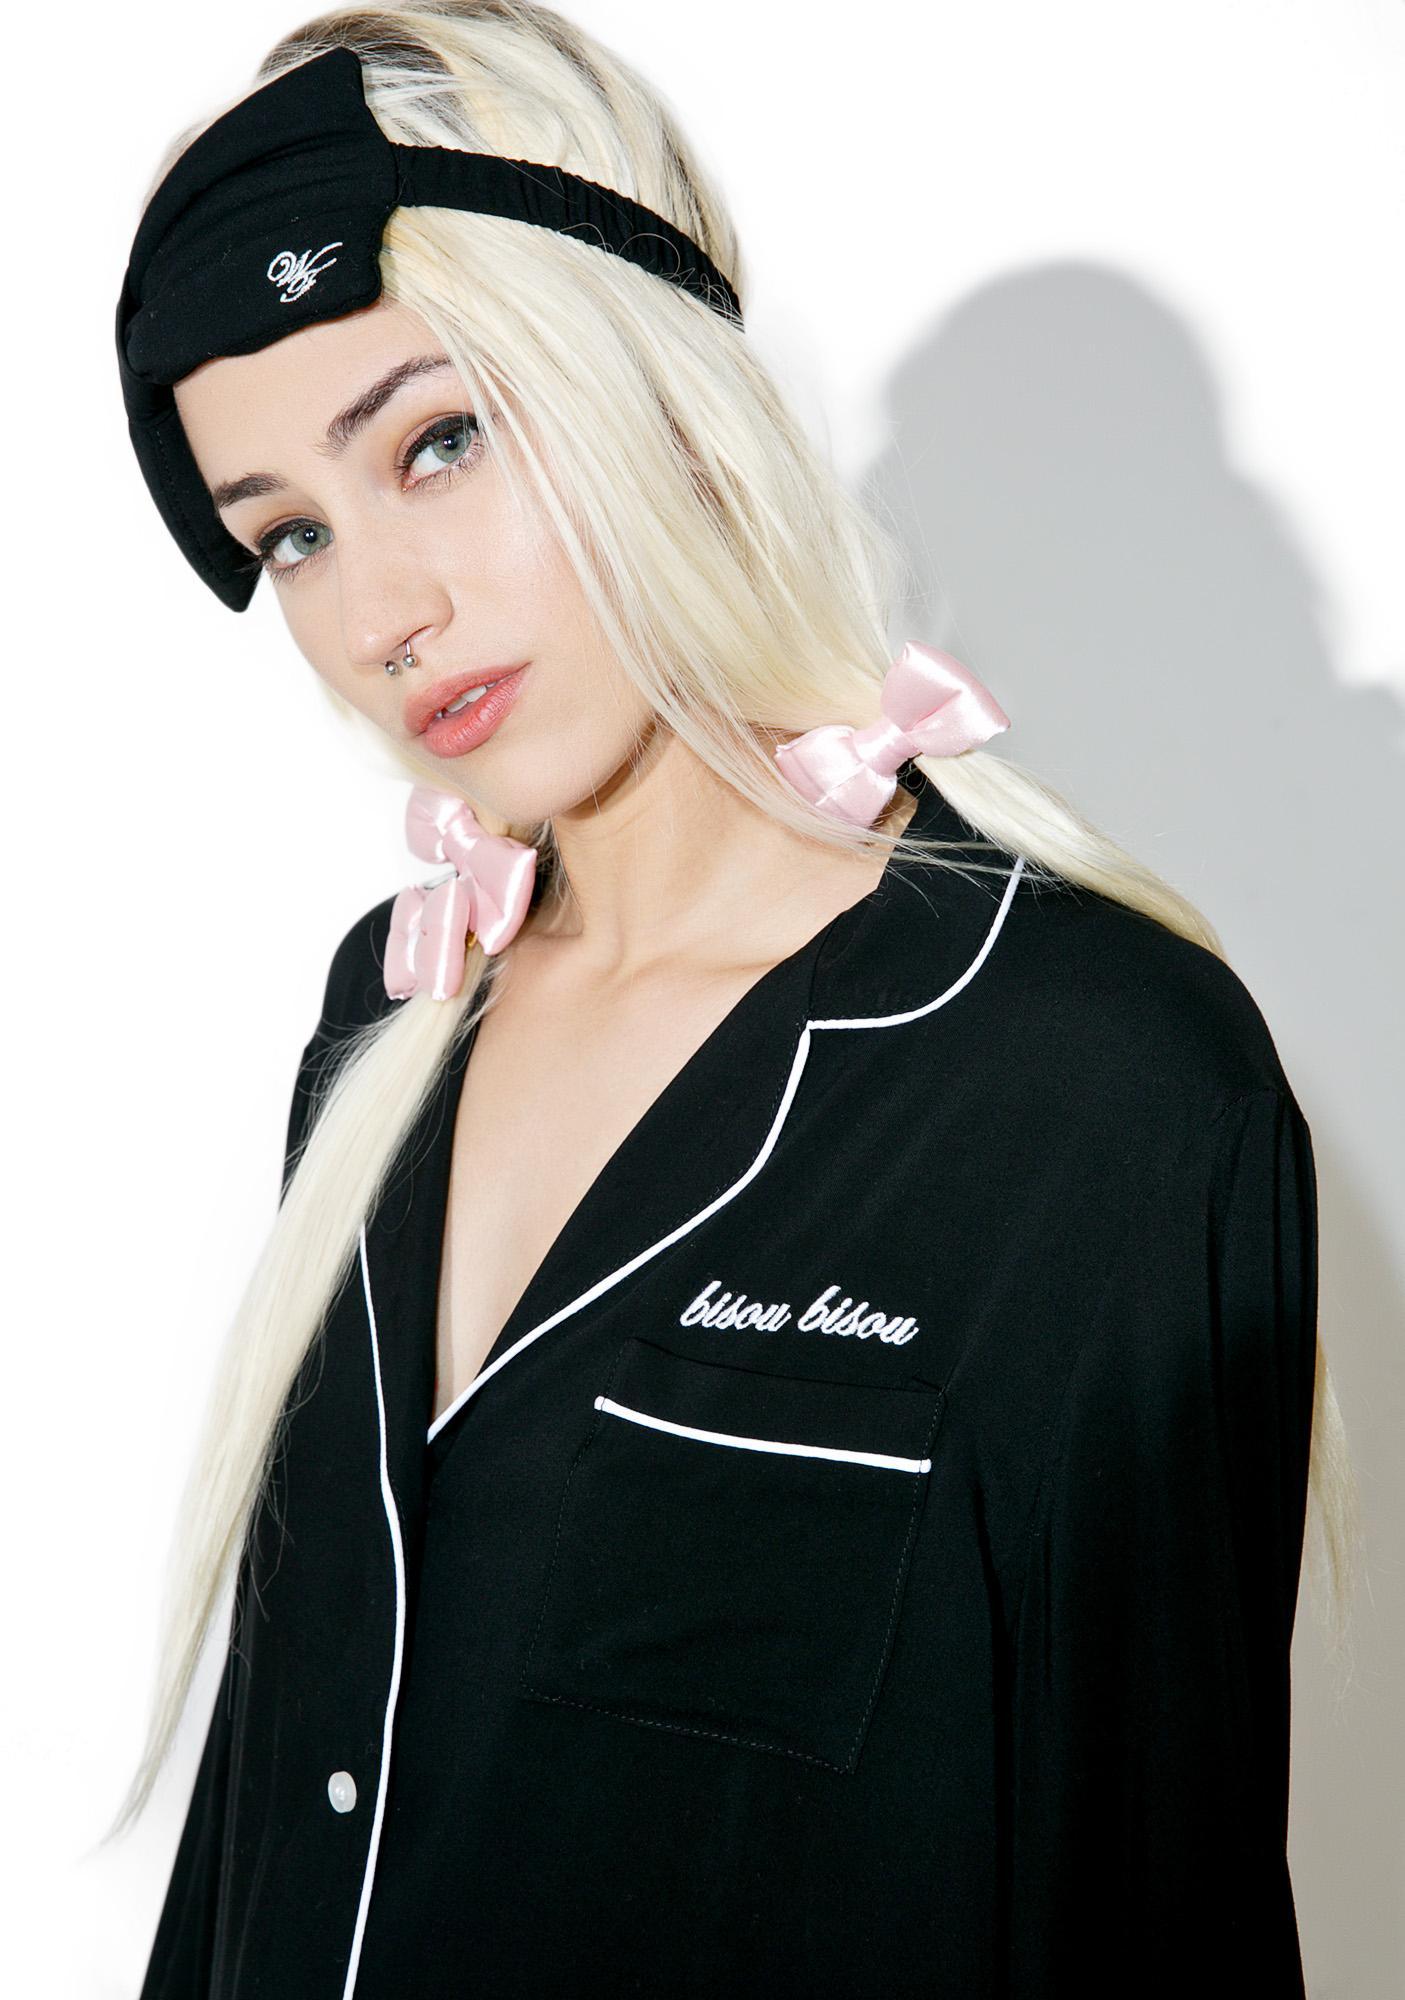 Wildfox Couture Bisou Bisou Dreamer Sleep Shirt